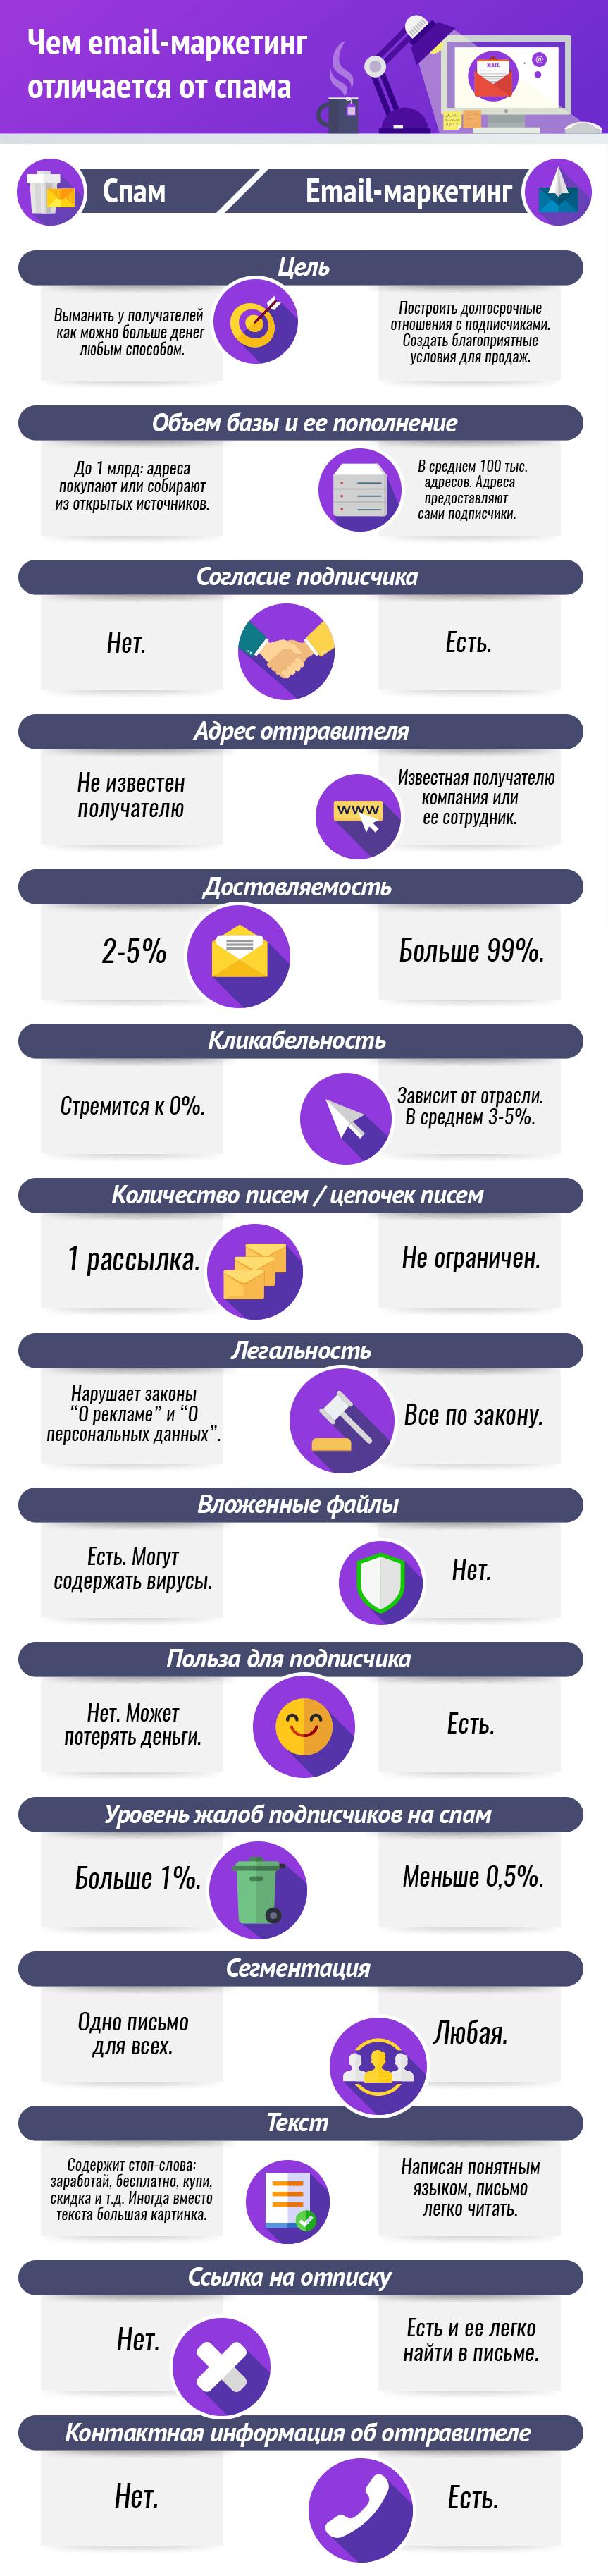 email-маркетинг и спам: инфографика